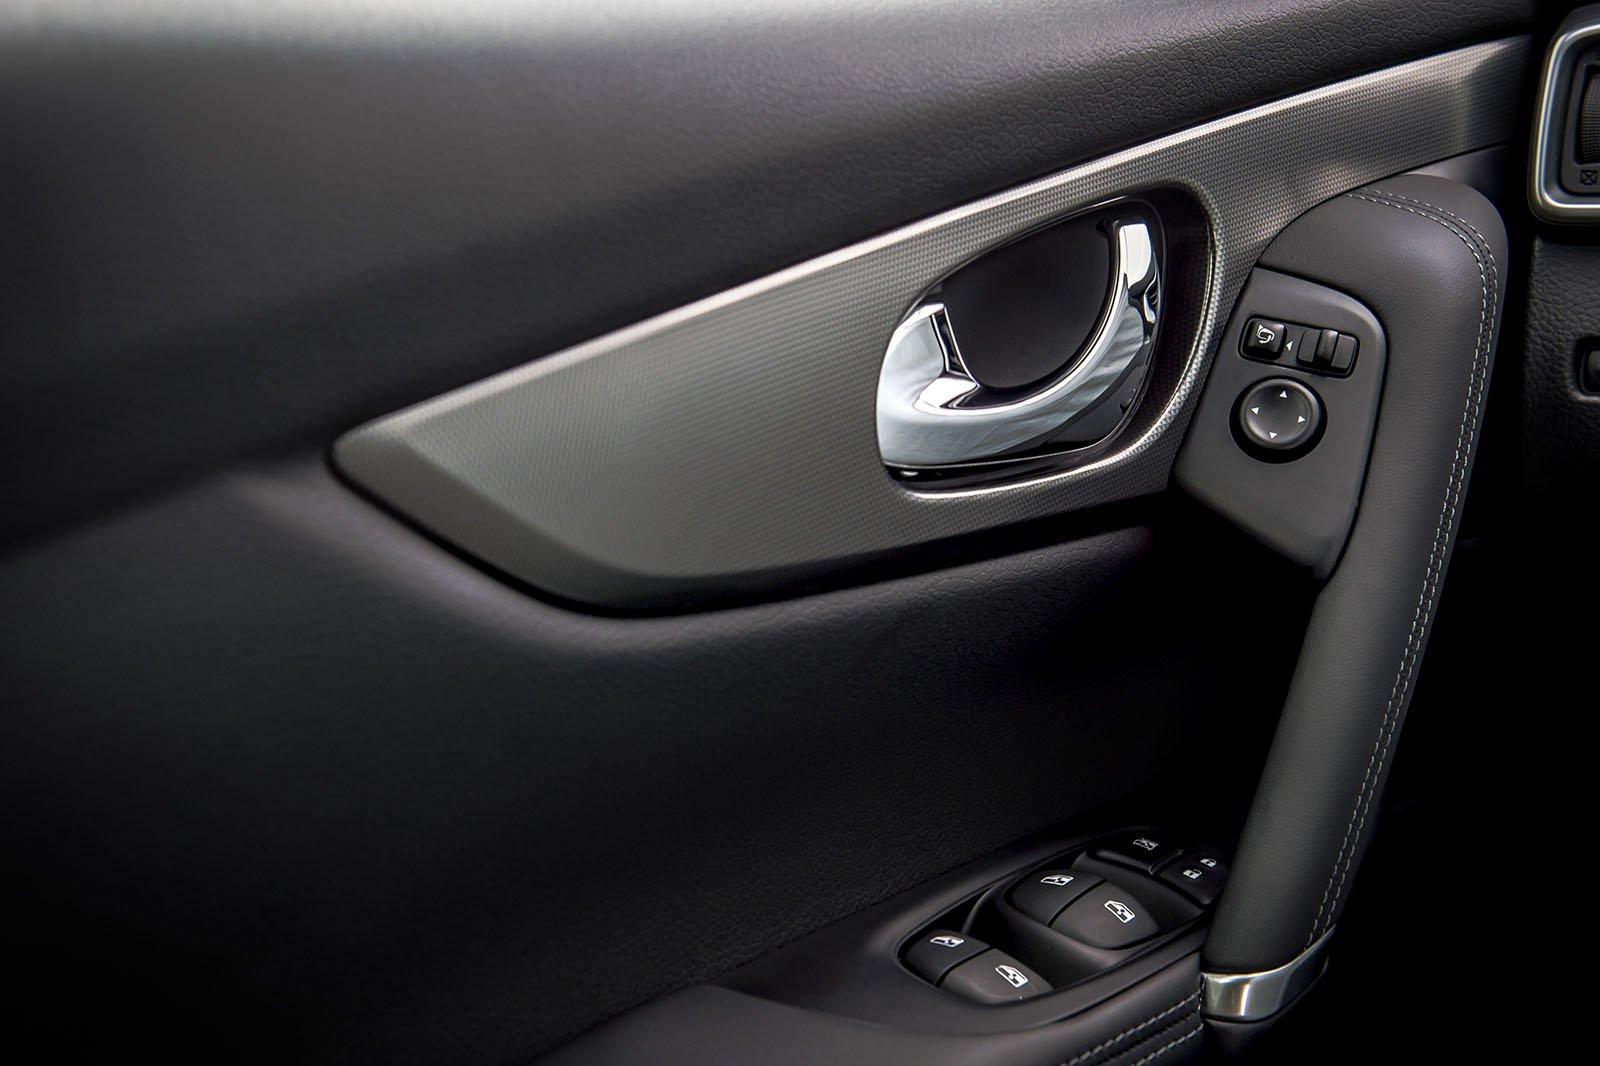 2019 Nissan Qashqai door trim